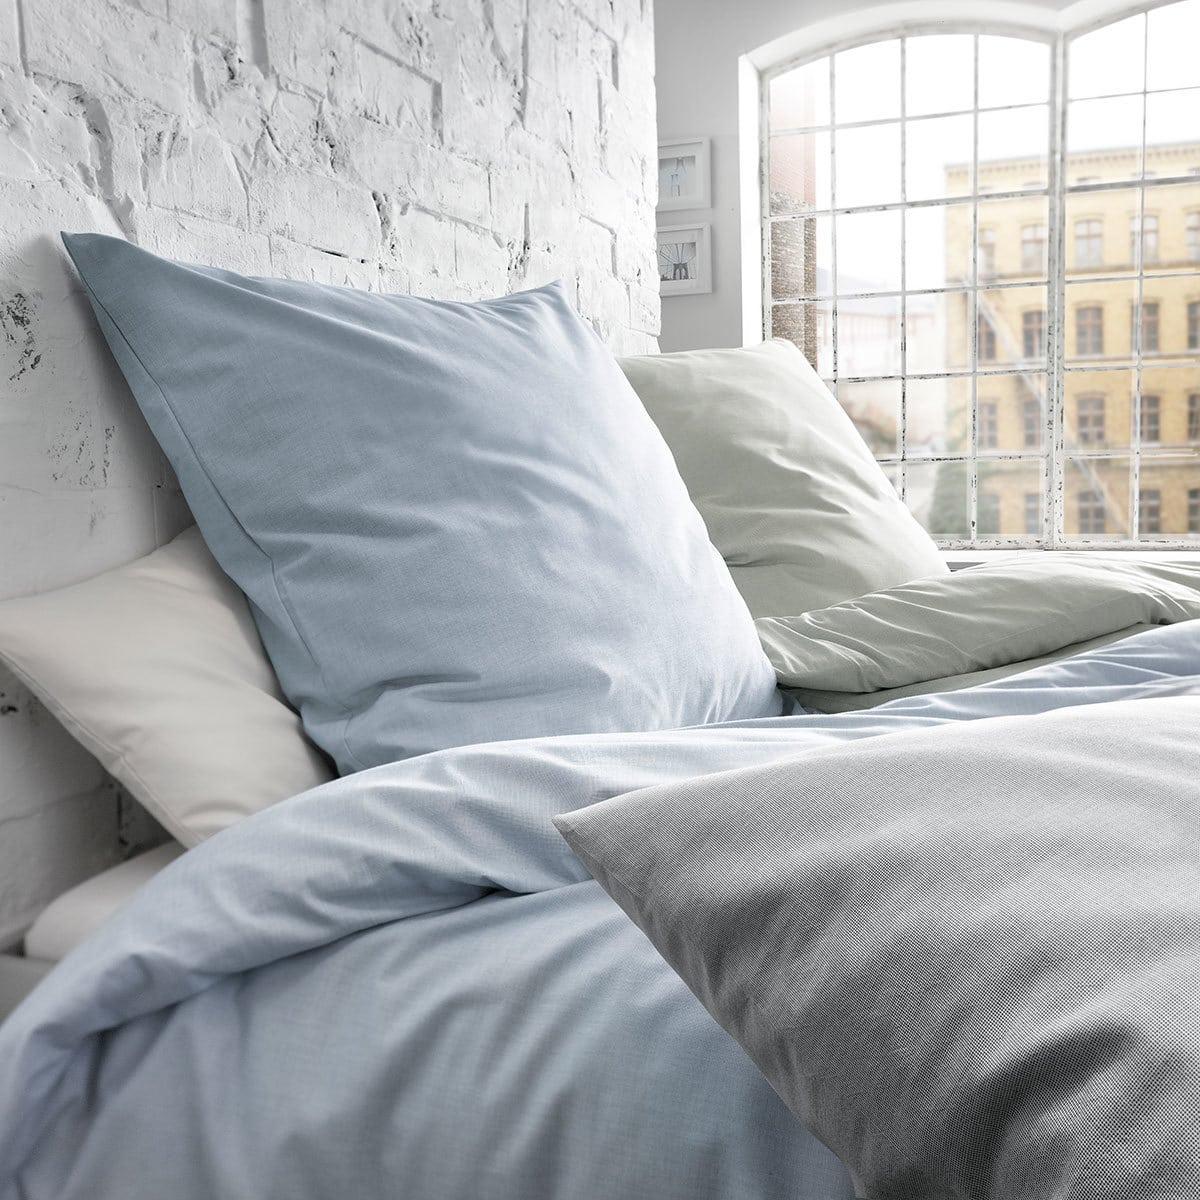 fleuresse bettw sche porto denim g nstig online kaufen bei bettwaren shop. Black Bedroom Furniture Sets. Home Design Ideas